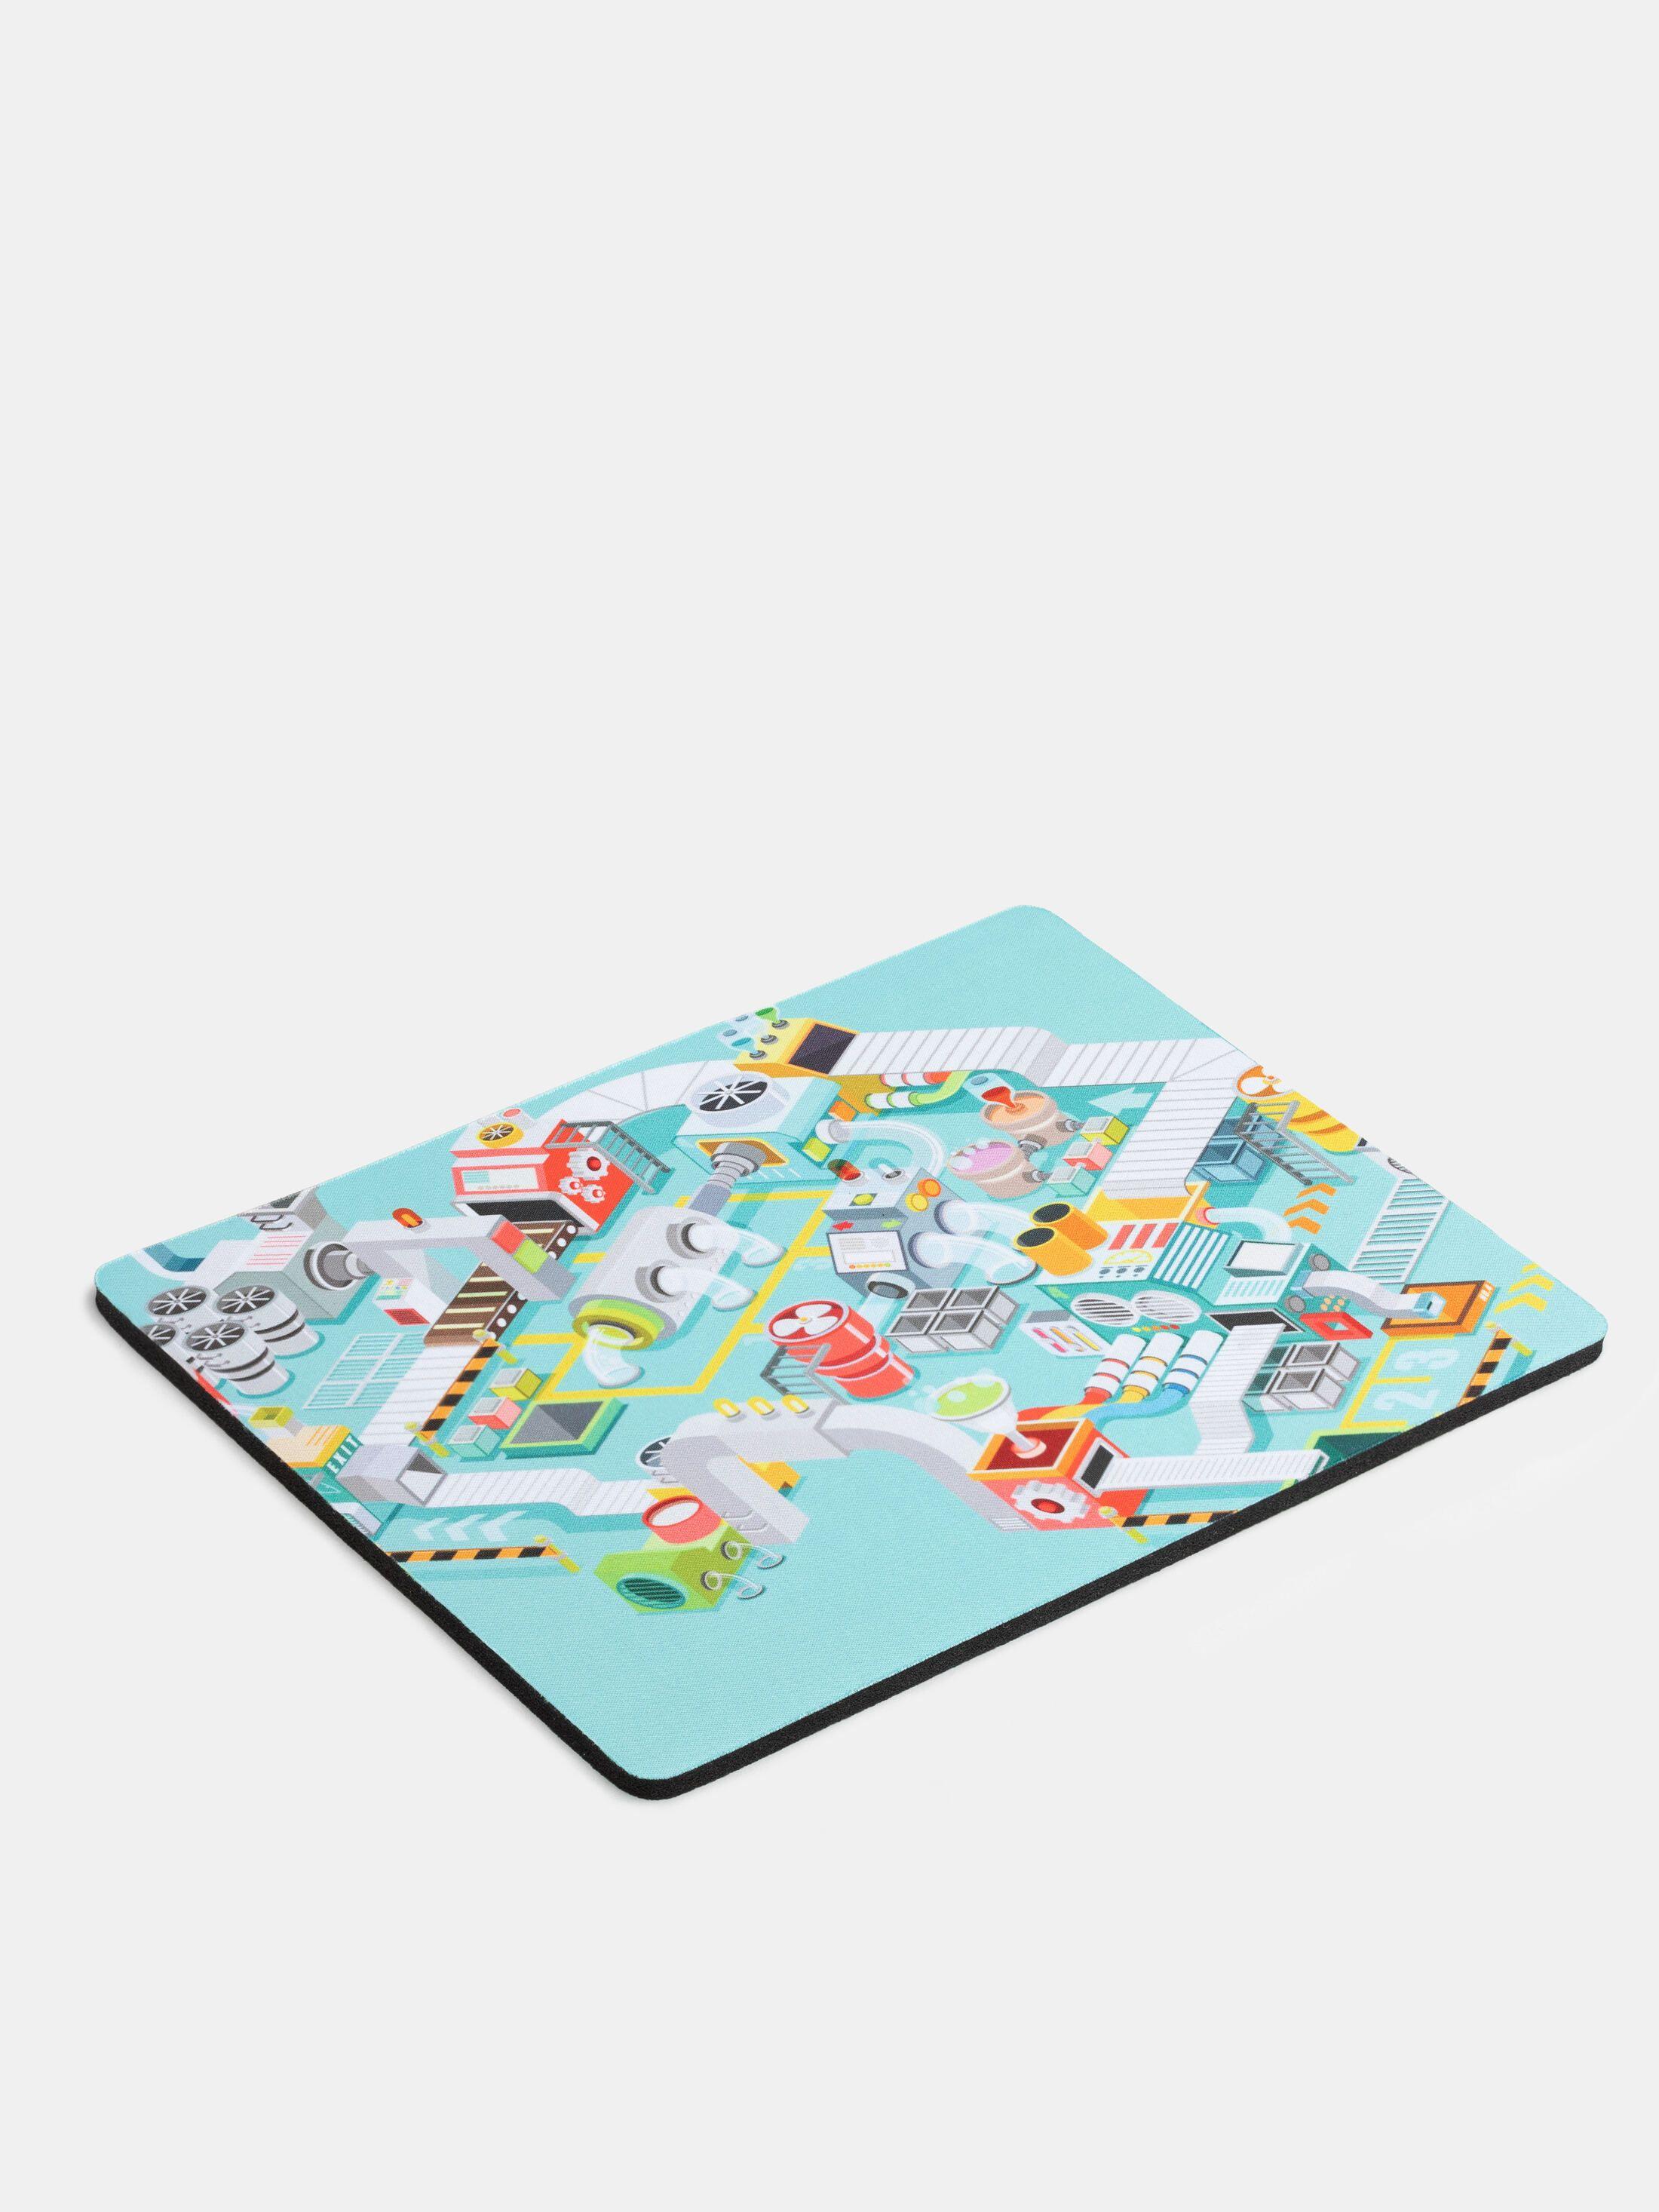 bedrucktes mousepad selber machen